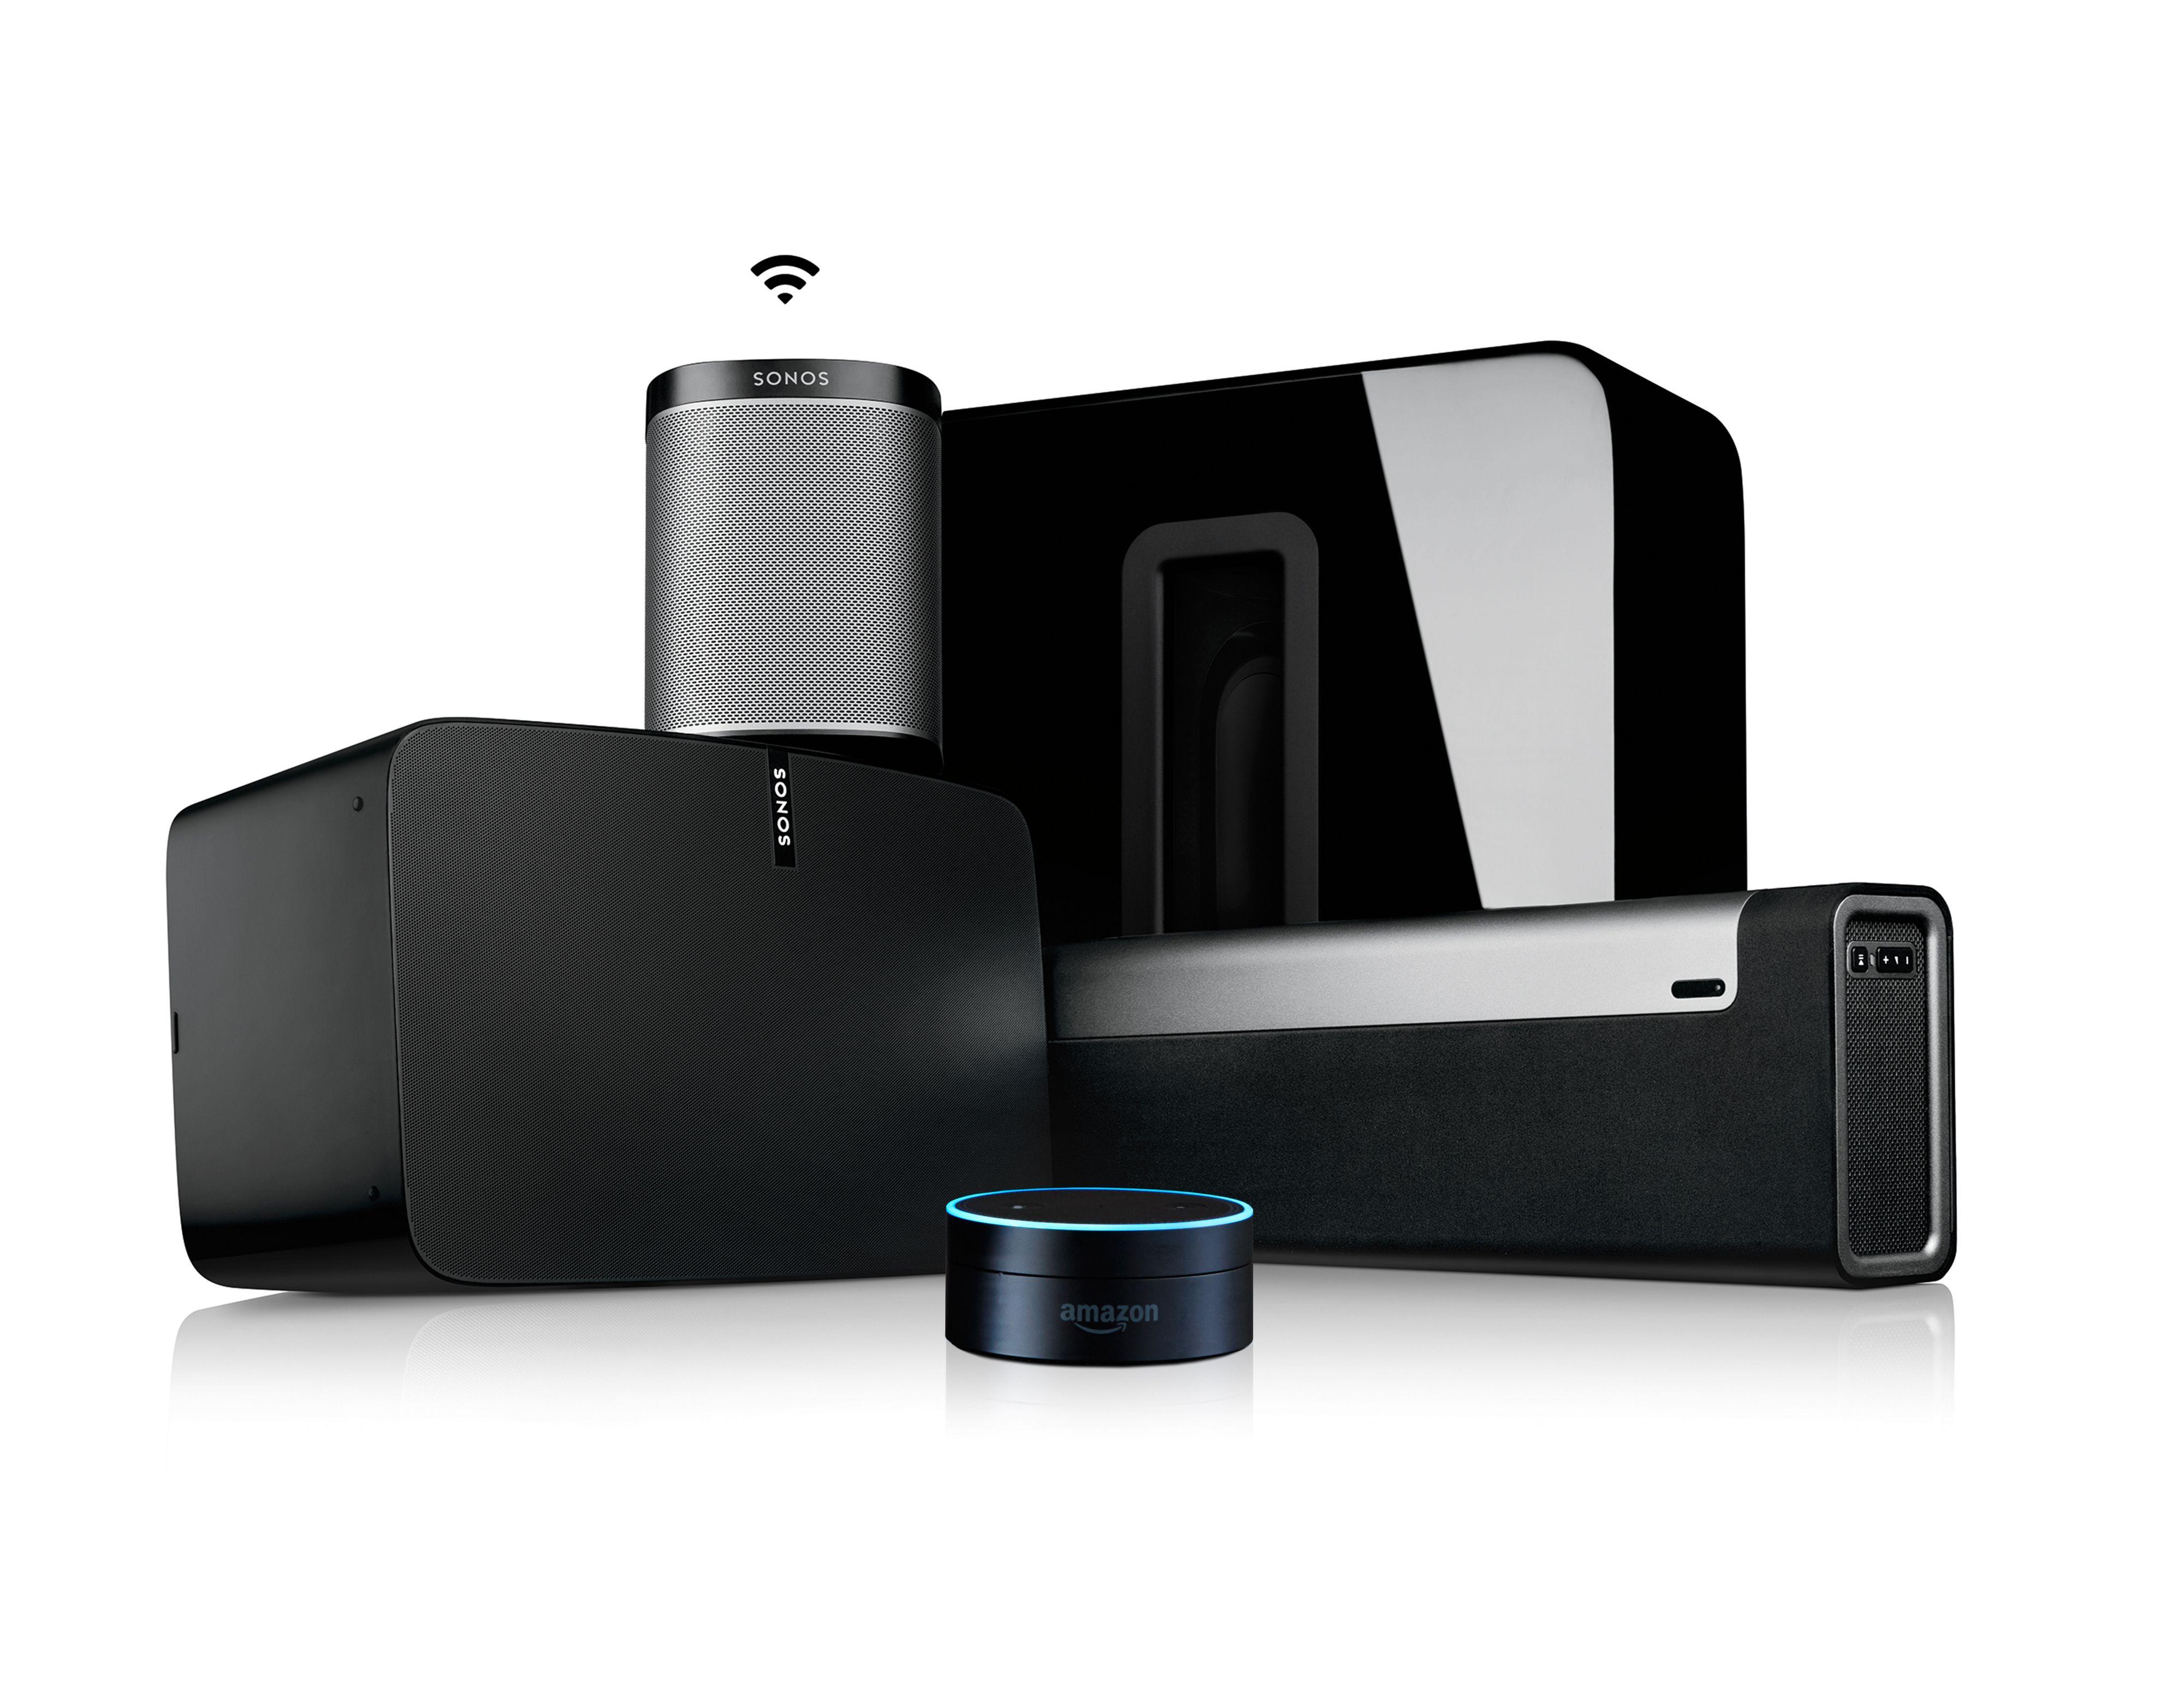 Sonos har flere høyttalermodeller å velge mellom.